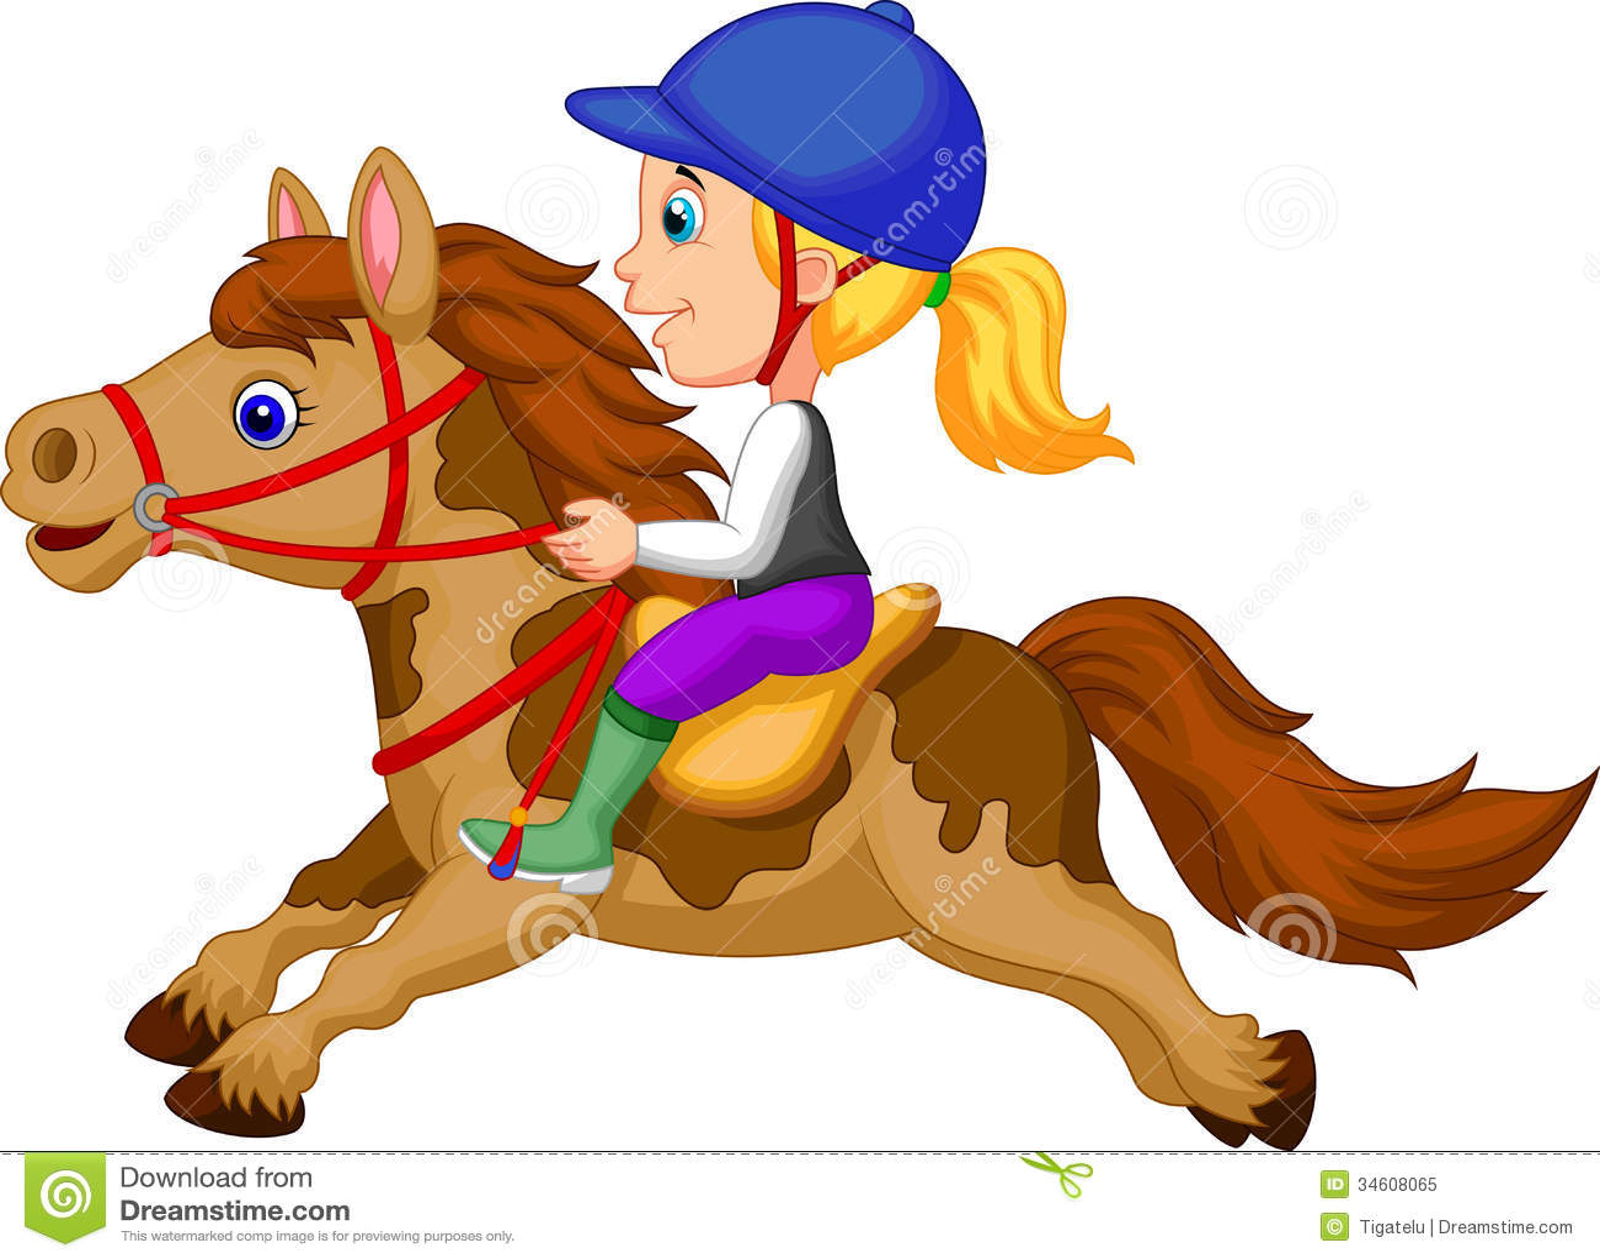 clip art girl riding horse - photo #8